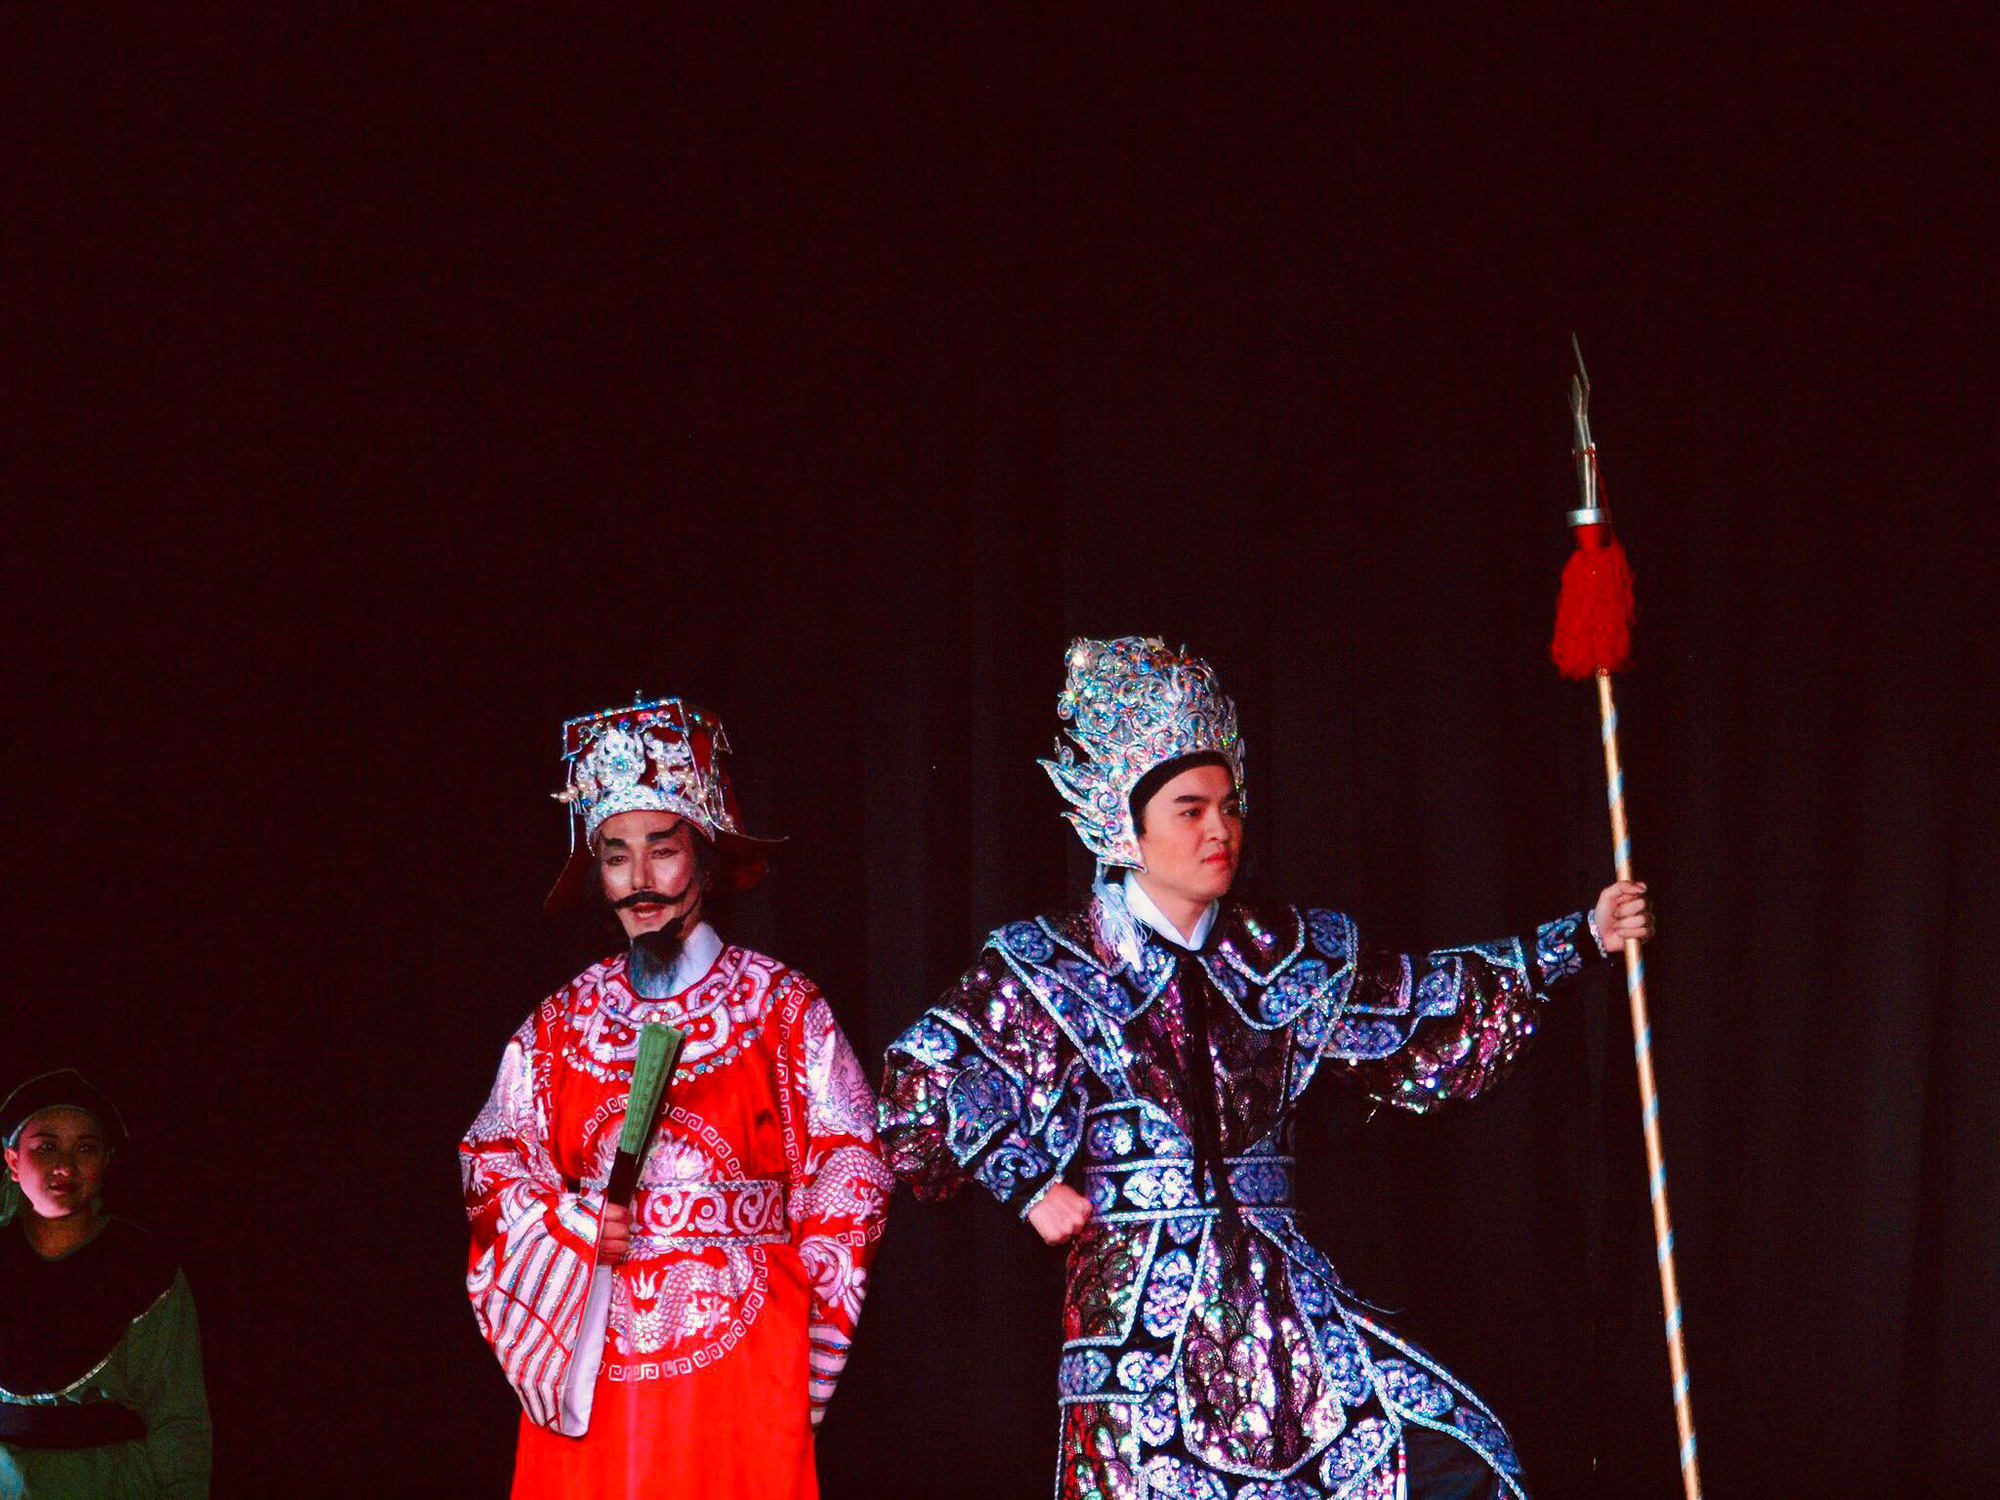 NS Hoài Thanh, Đỗ Quyên xúc động khi con trai nối nghiệp sau thời gian làm ca sĩ - Ảnh 3.